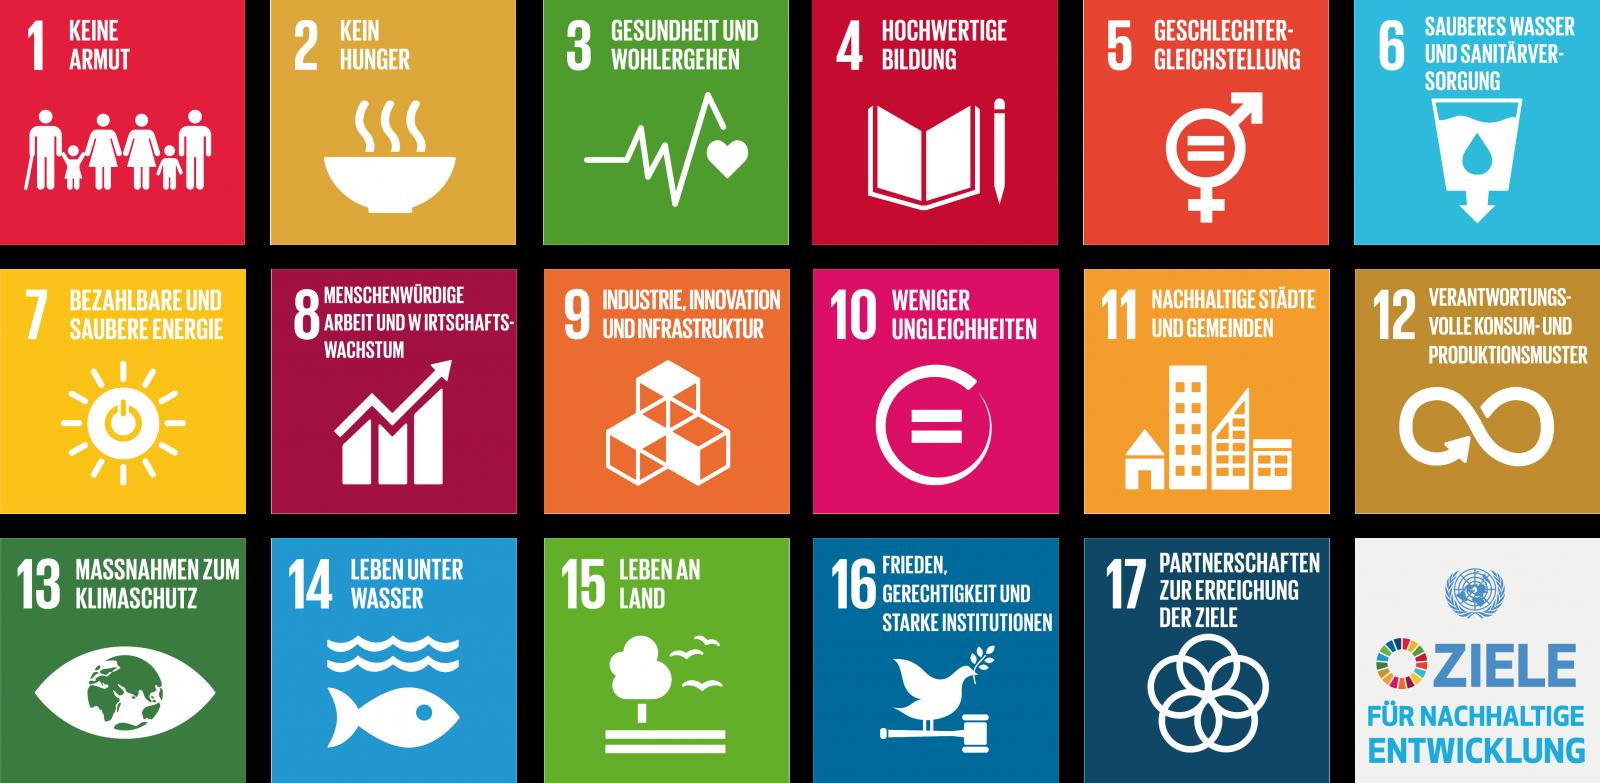 Der SDG Kompass